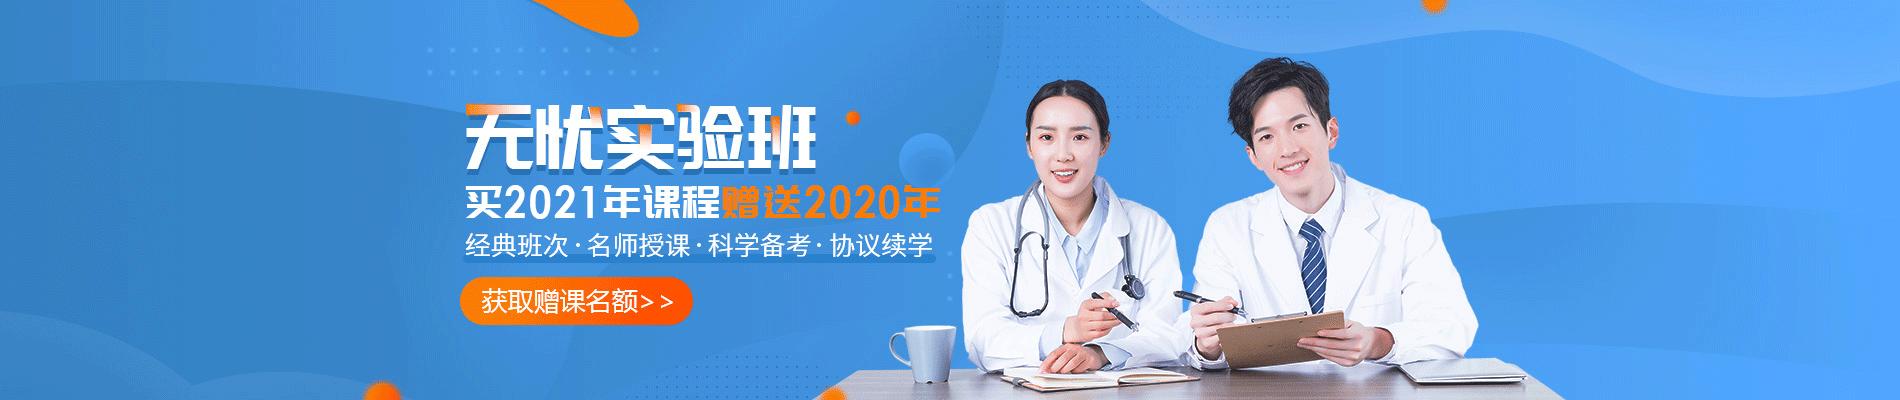 职业医师网上辅导